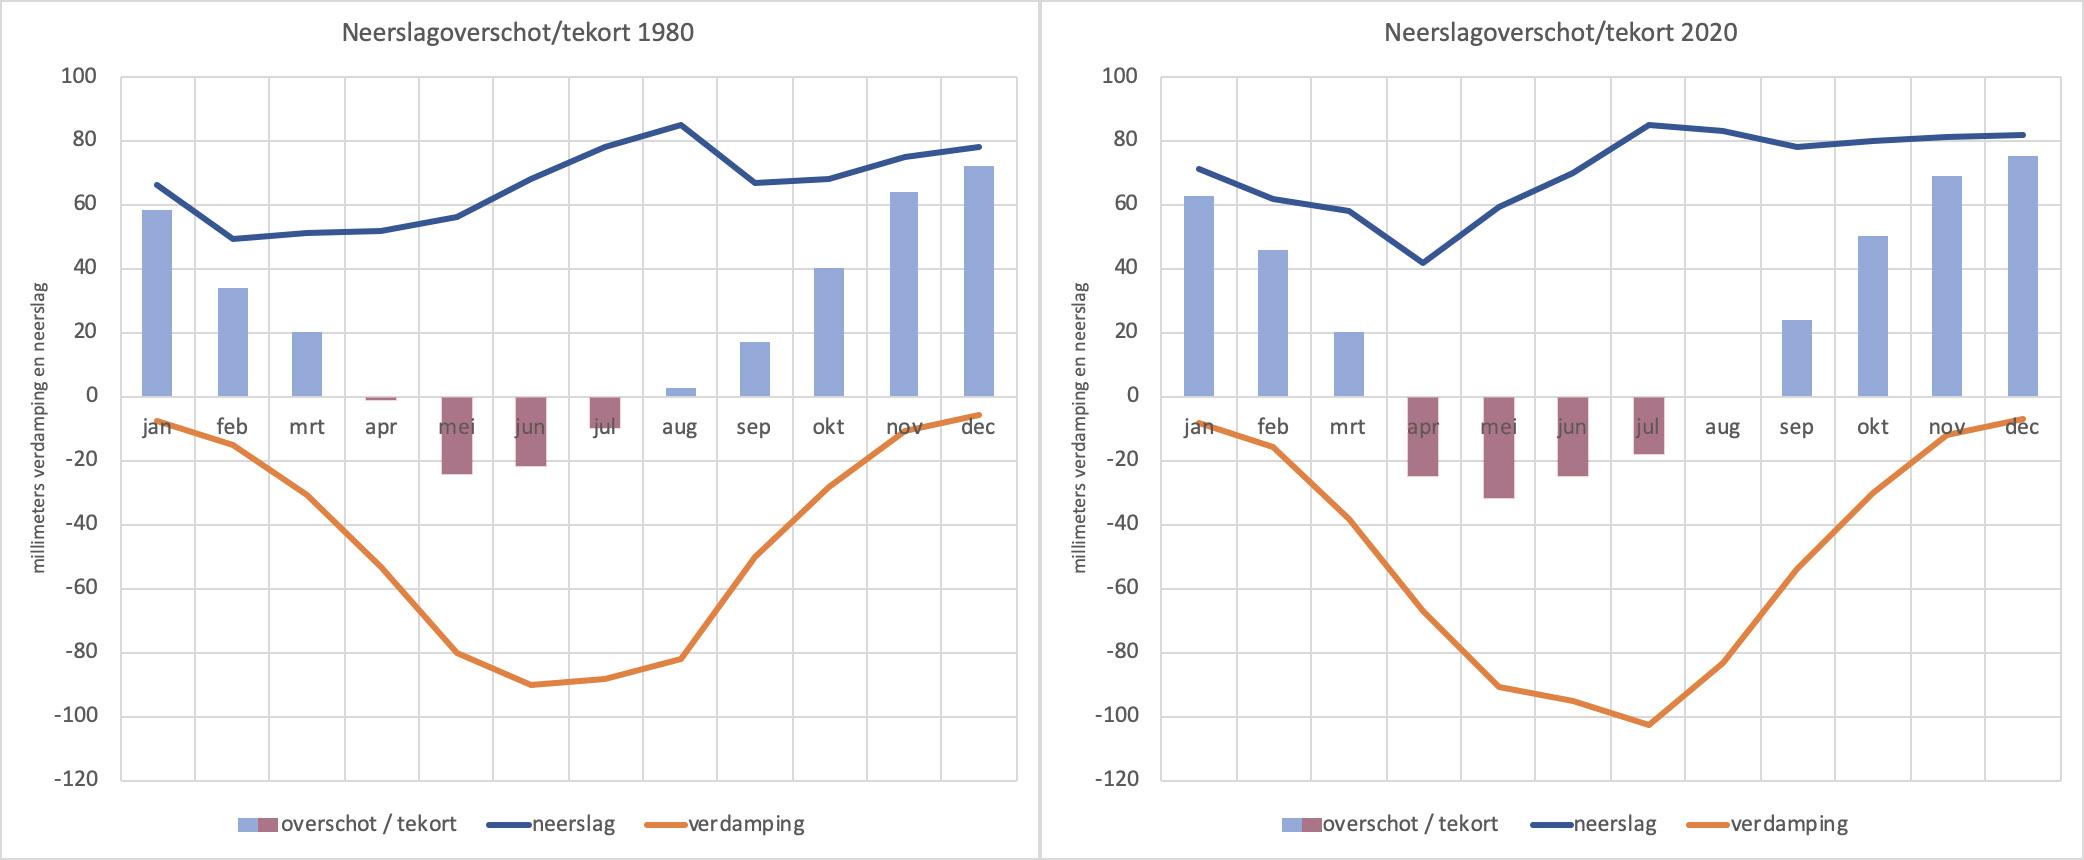 Verloop van neerslag (blauwe lijn), verdamping (oranje lijn) en neerslagoverschot cq tekort (blauwe kolommen) gedurende het jaar . Links de situatie rond 1980, rechts de huidige situatie.